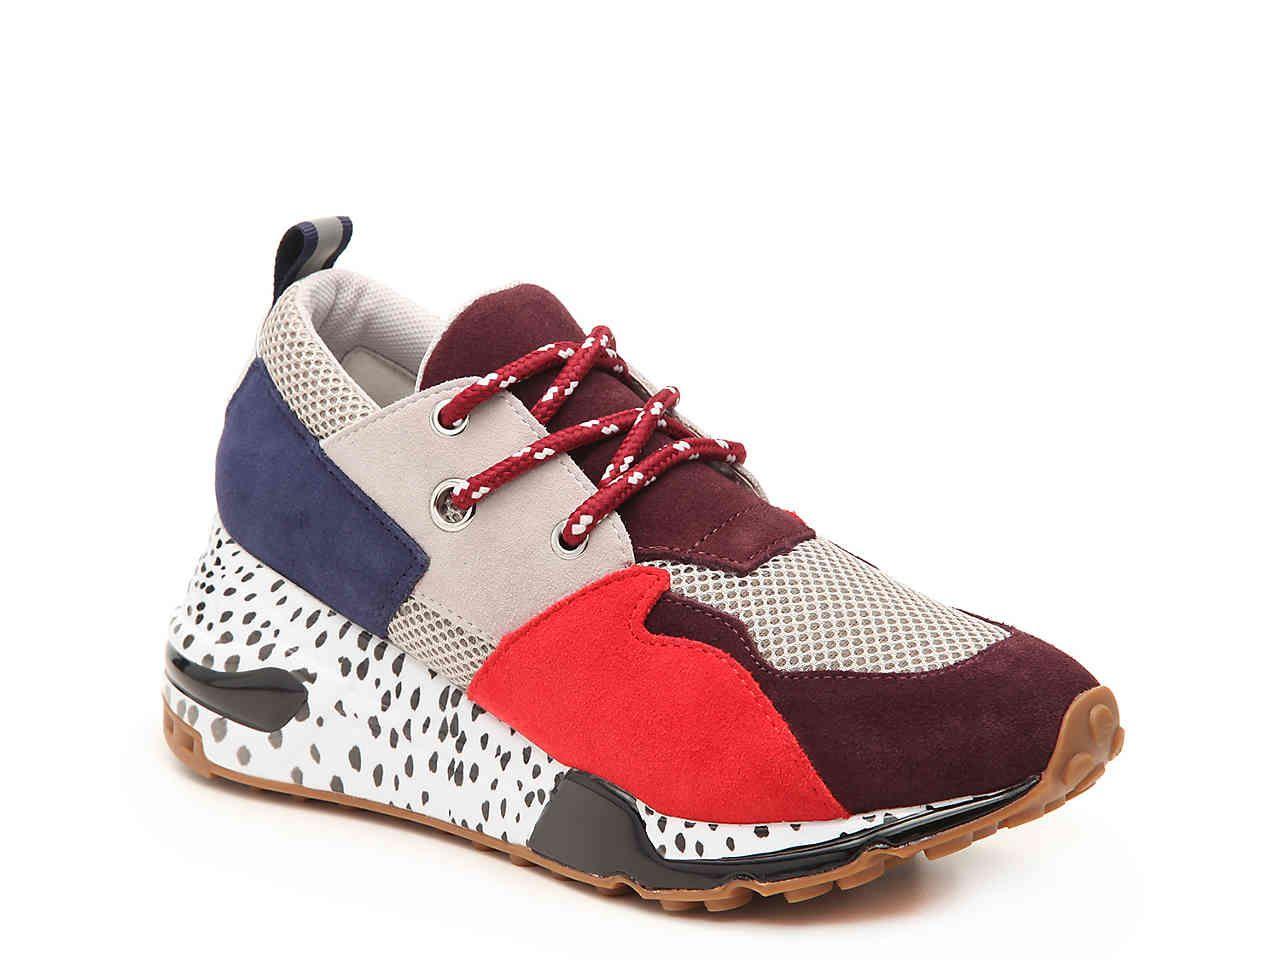 Steve Madden Cliff Sneaker | Sneakers